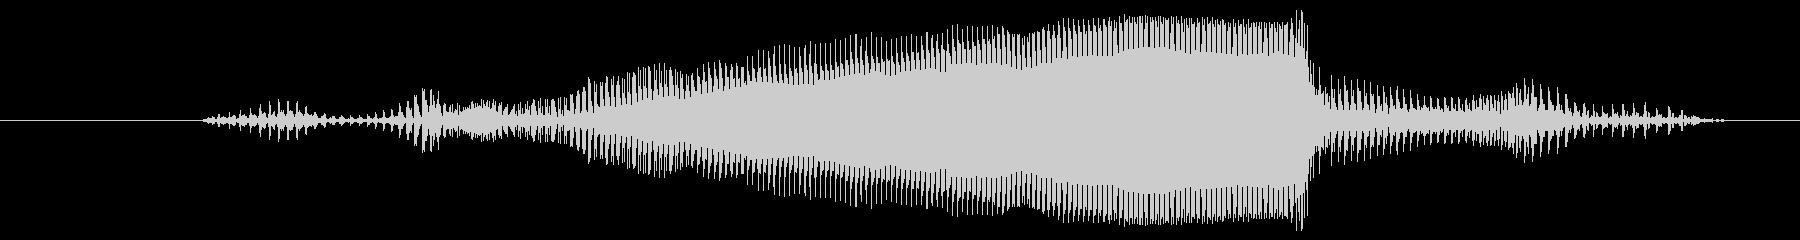 ヤギ ばぁ02の未再生の波形